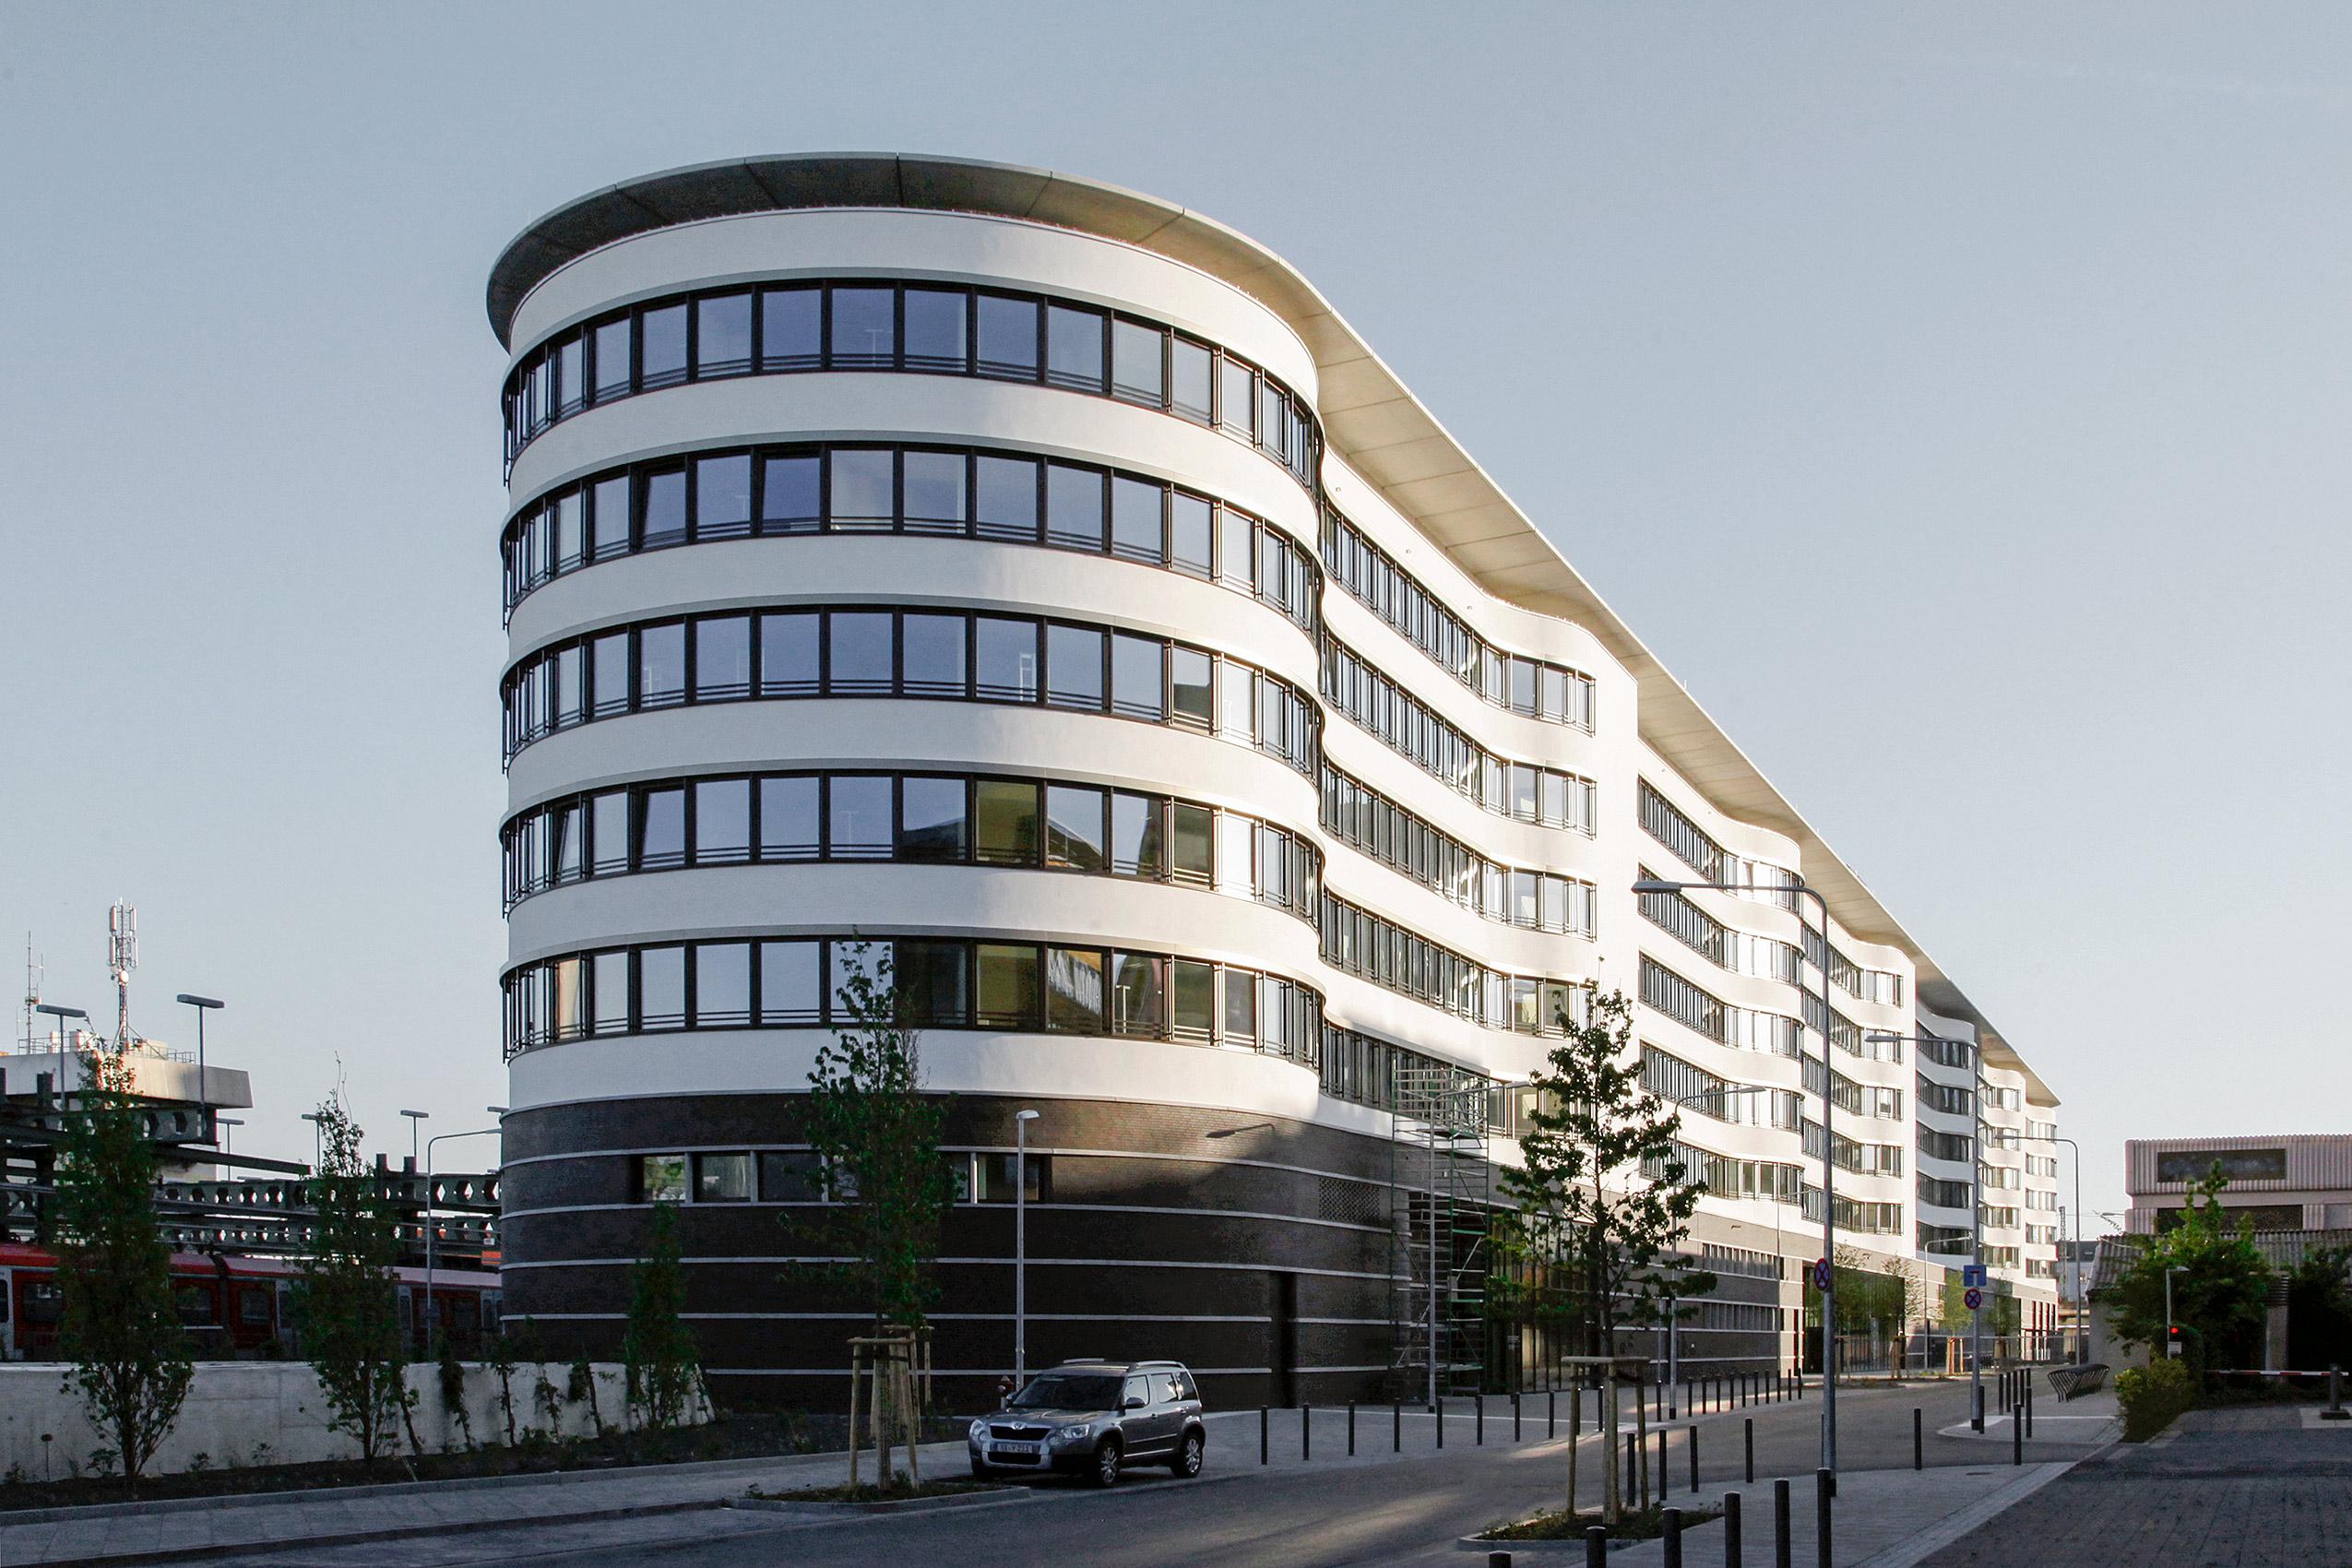 architekten frankfurt am main erweiterung der europischen schule in frankfurt am main nkbak. Black Bedroom Furniture Sets. Home Design Ideas